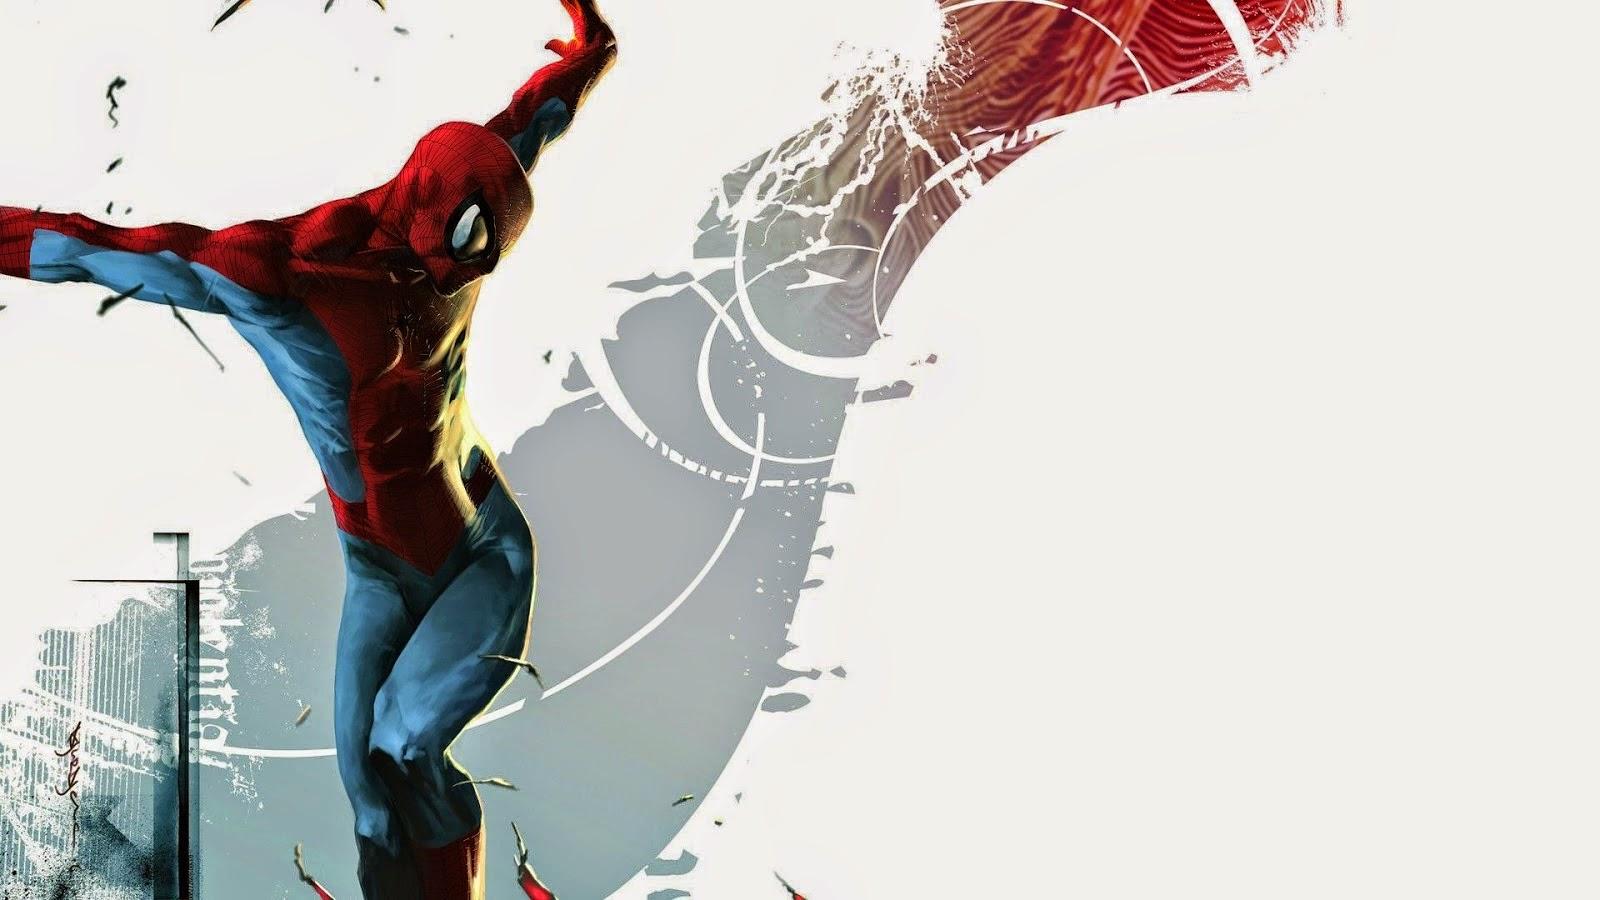 hình nền spider man mới nhất